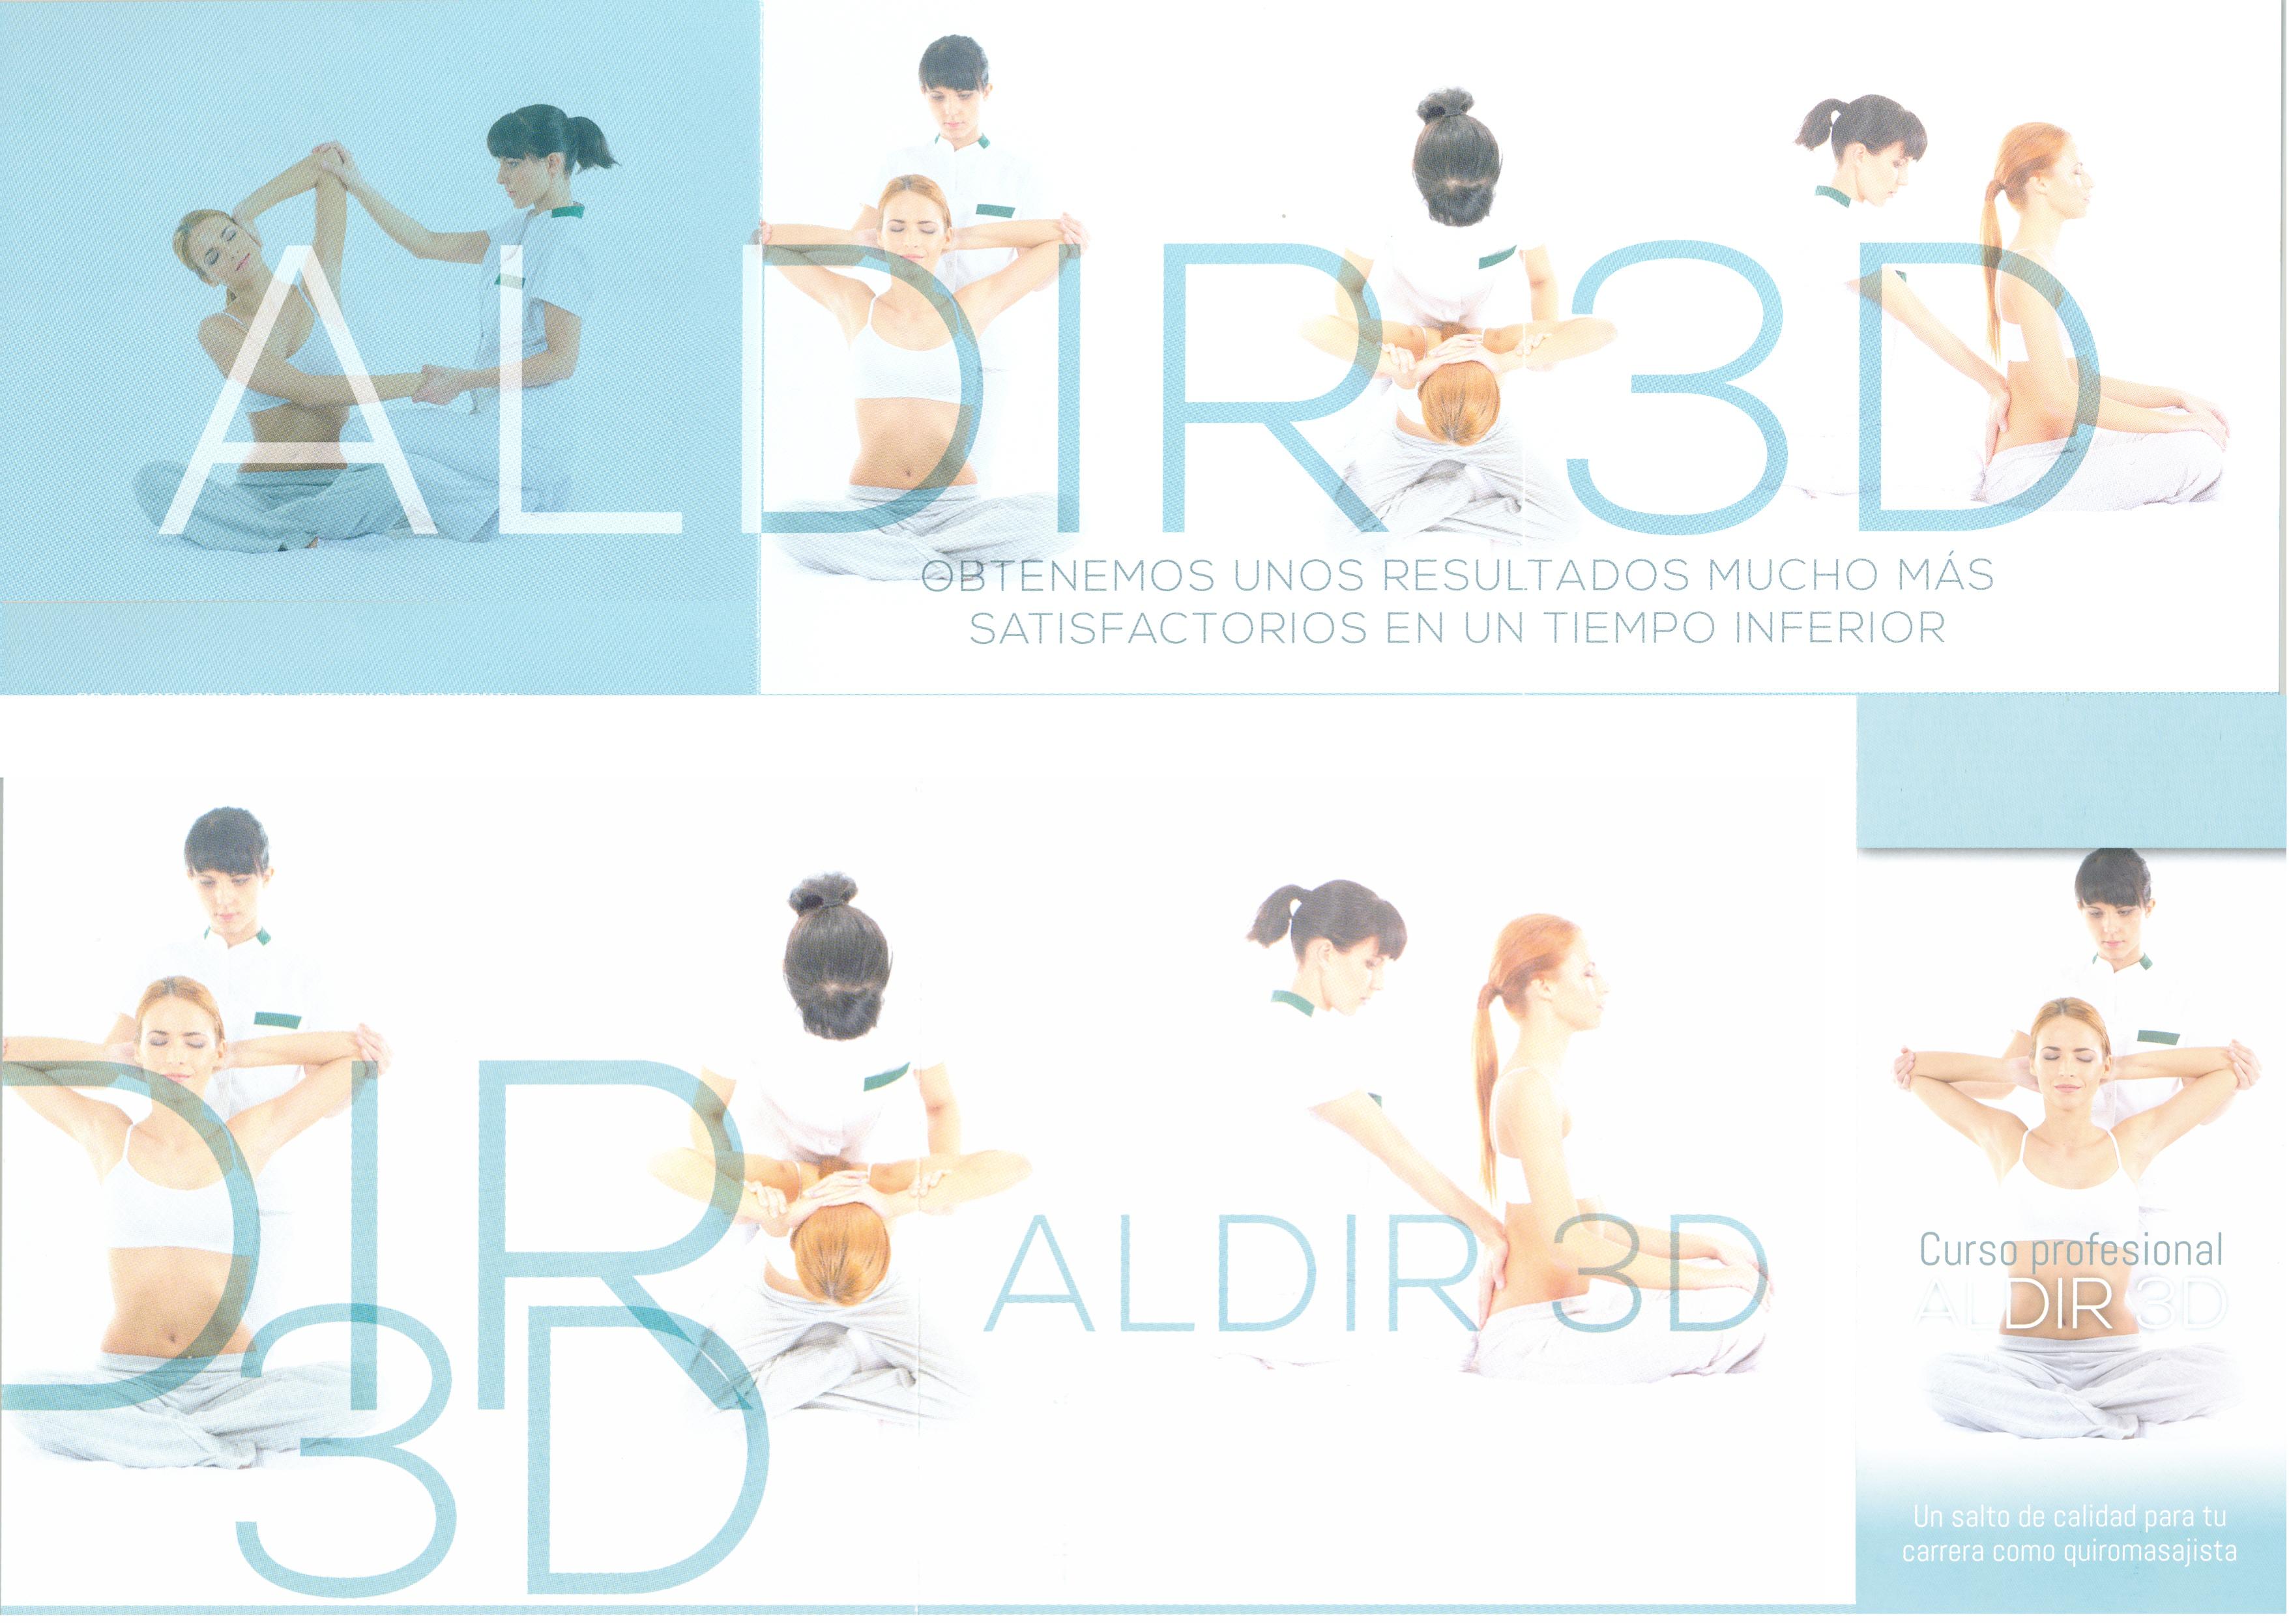 Aldir 3D